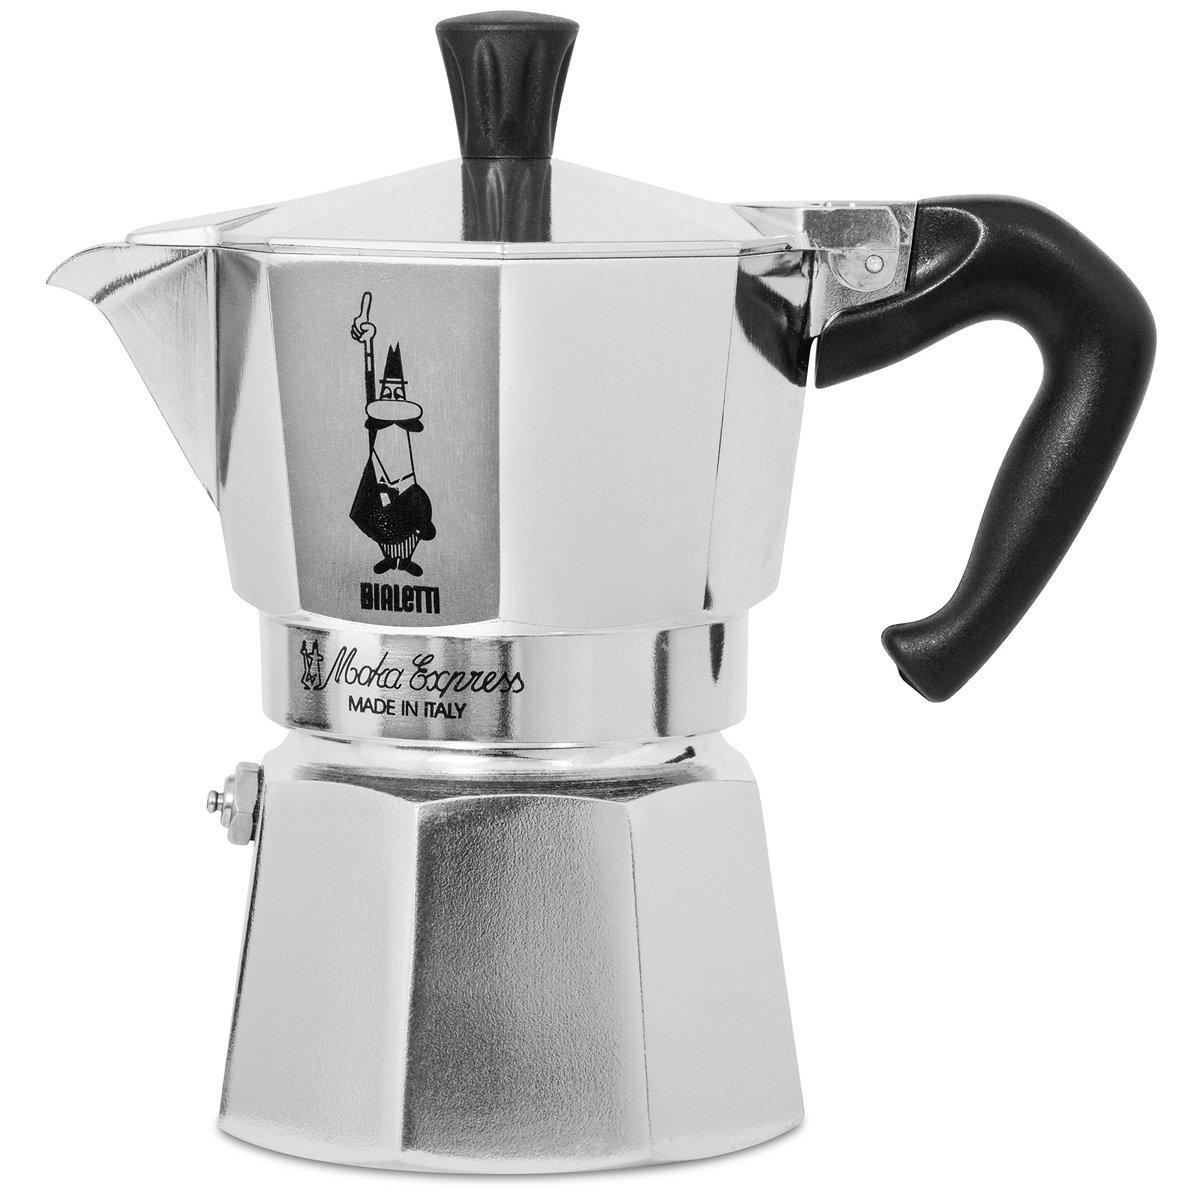 Καφετιέρα espresso 1 φλ. Bialetti Moka express